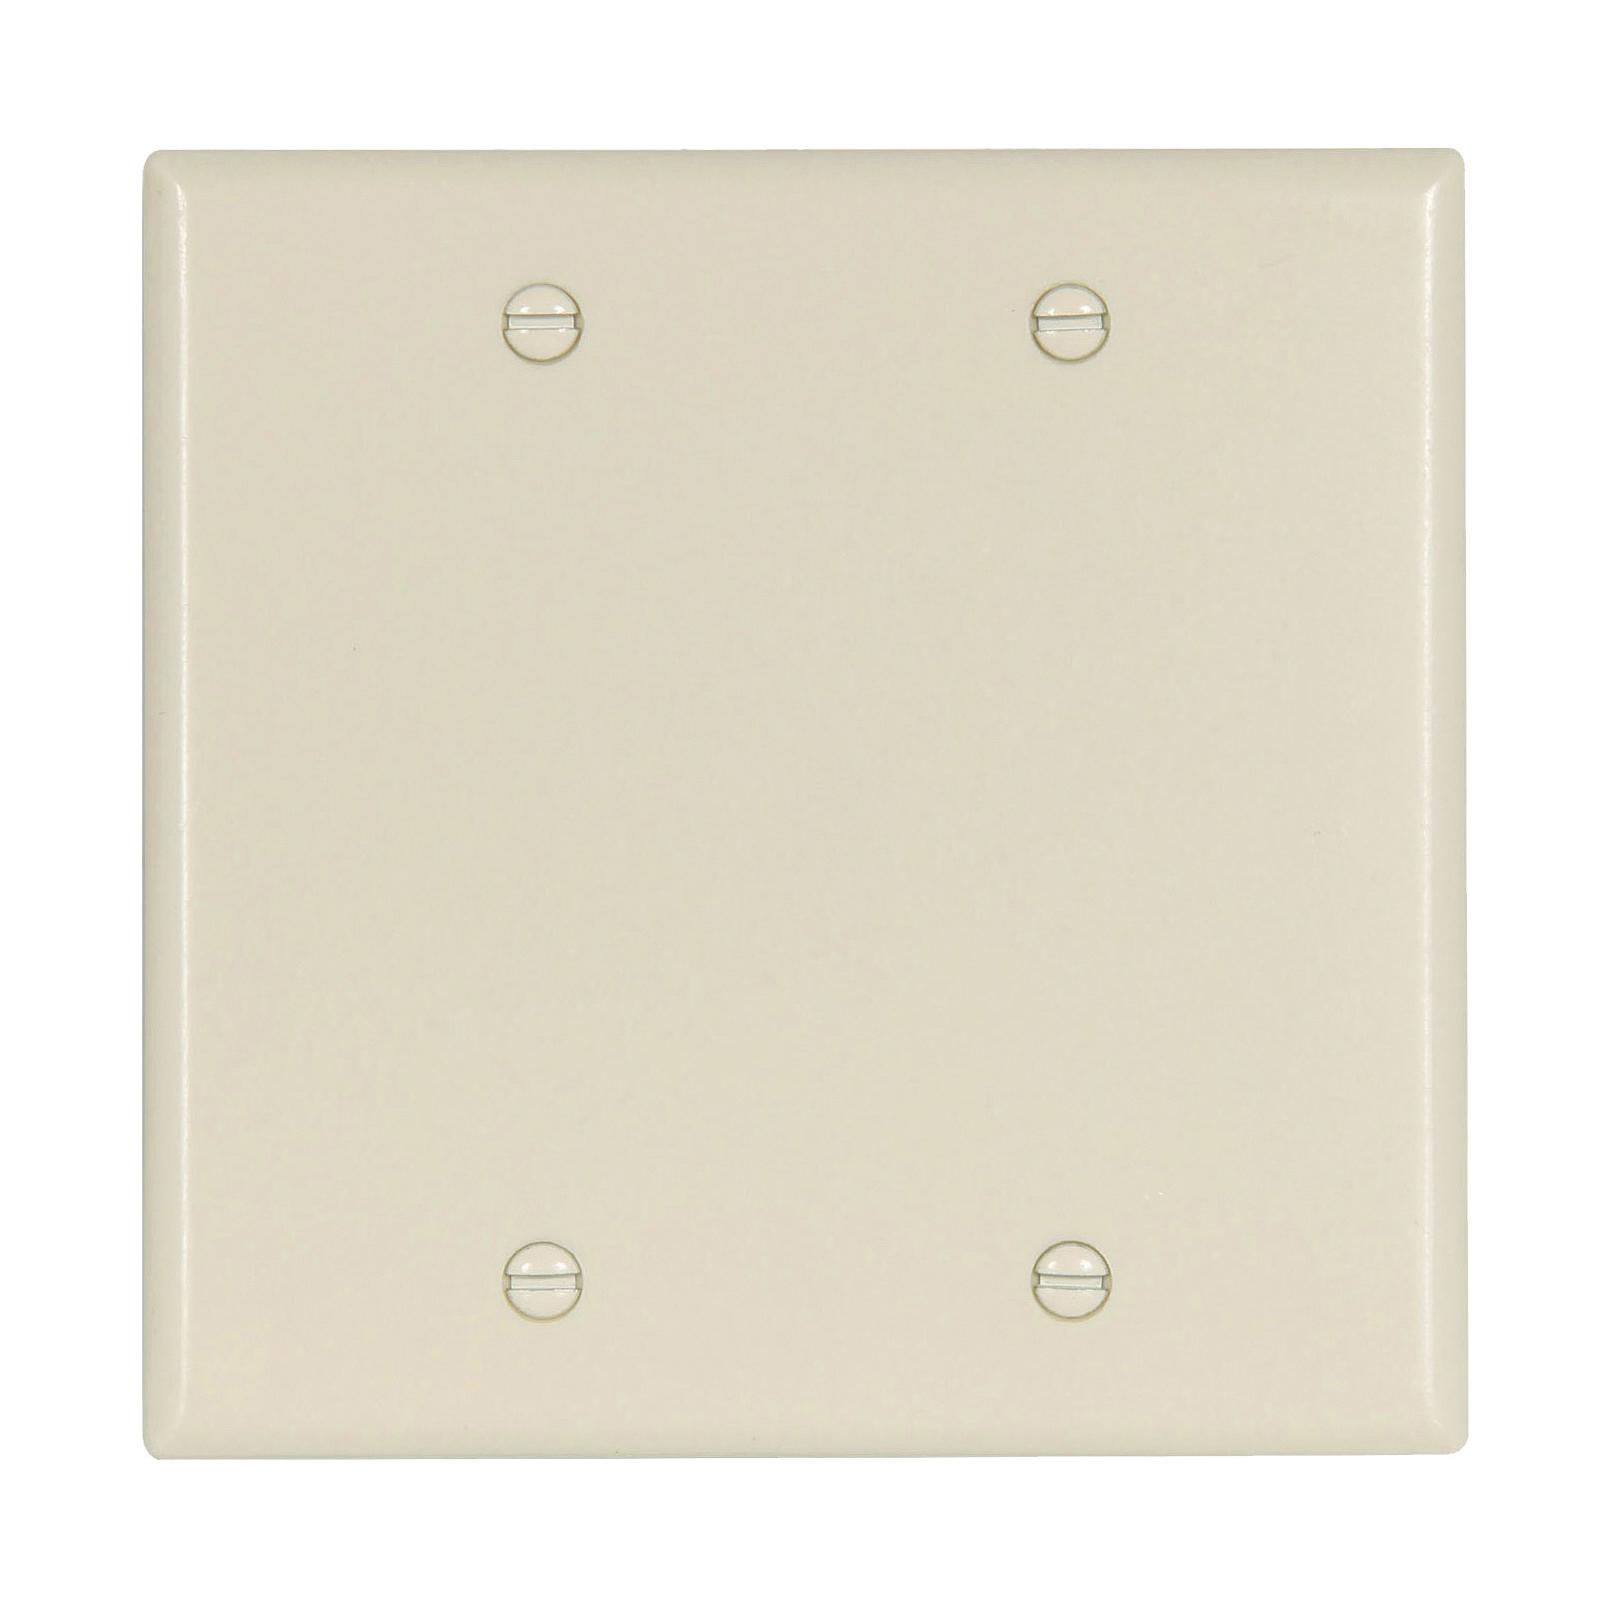 Eaton Cooper Wiring 2137LA-BOX